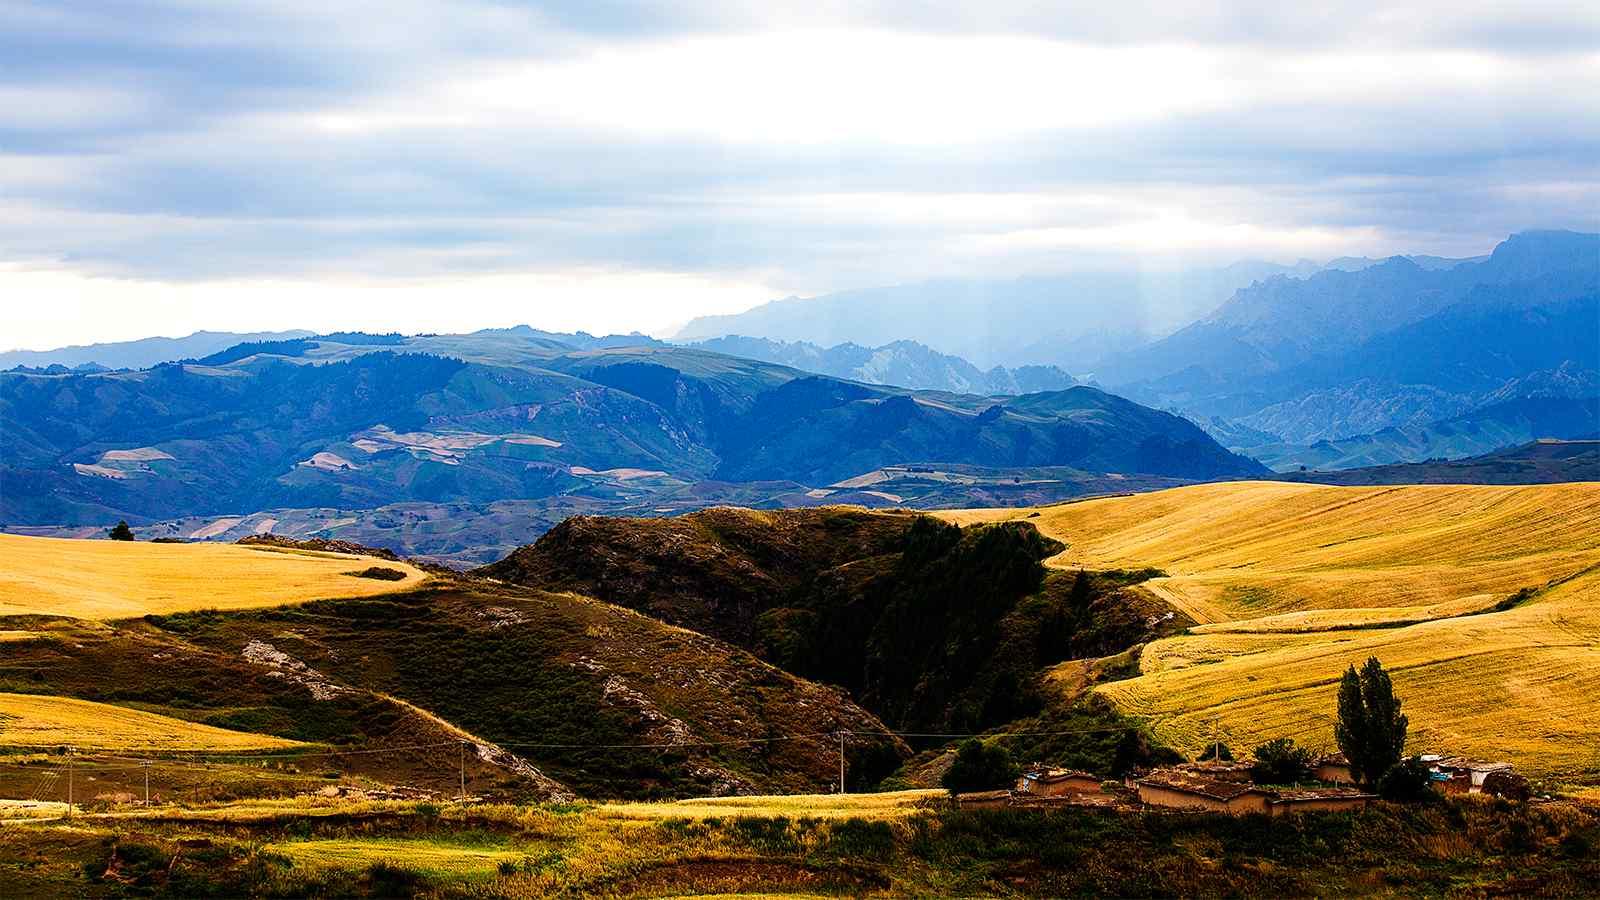 精选新疆江布拉克山峦自然风光桌面壁纸